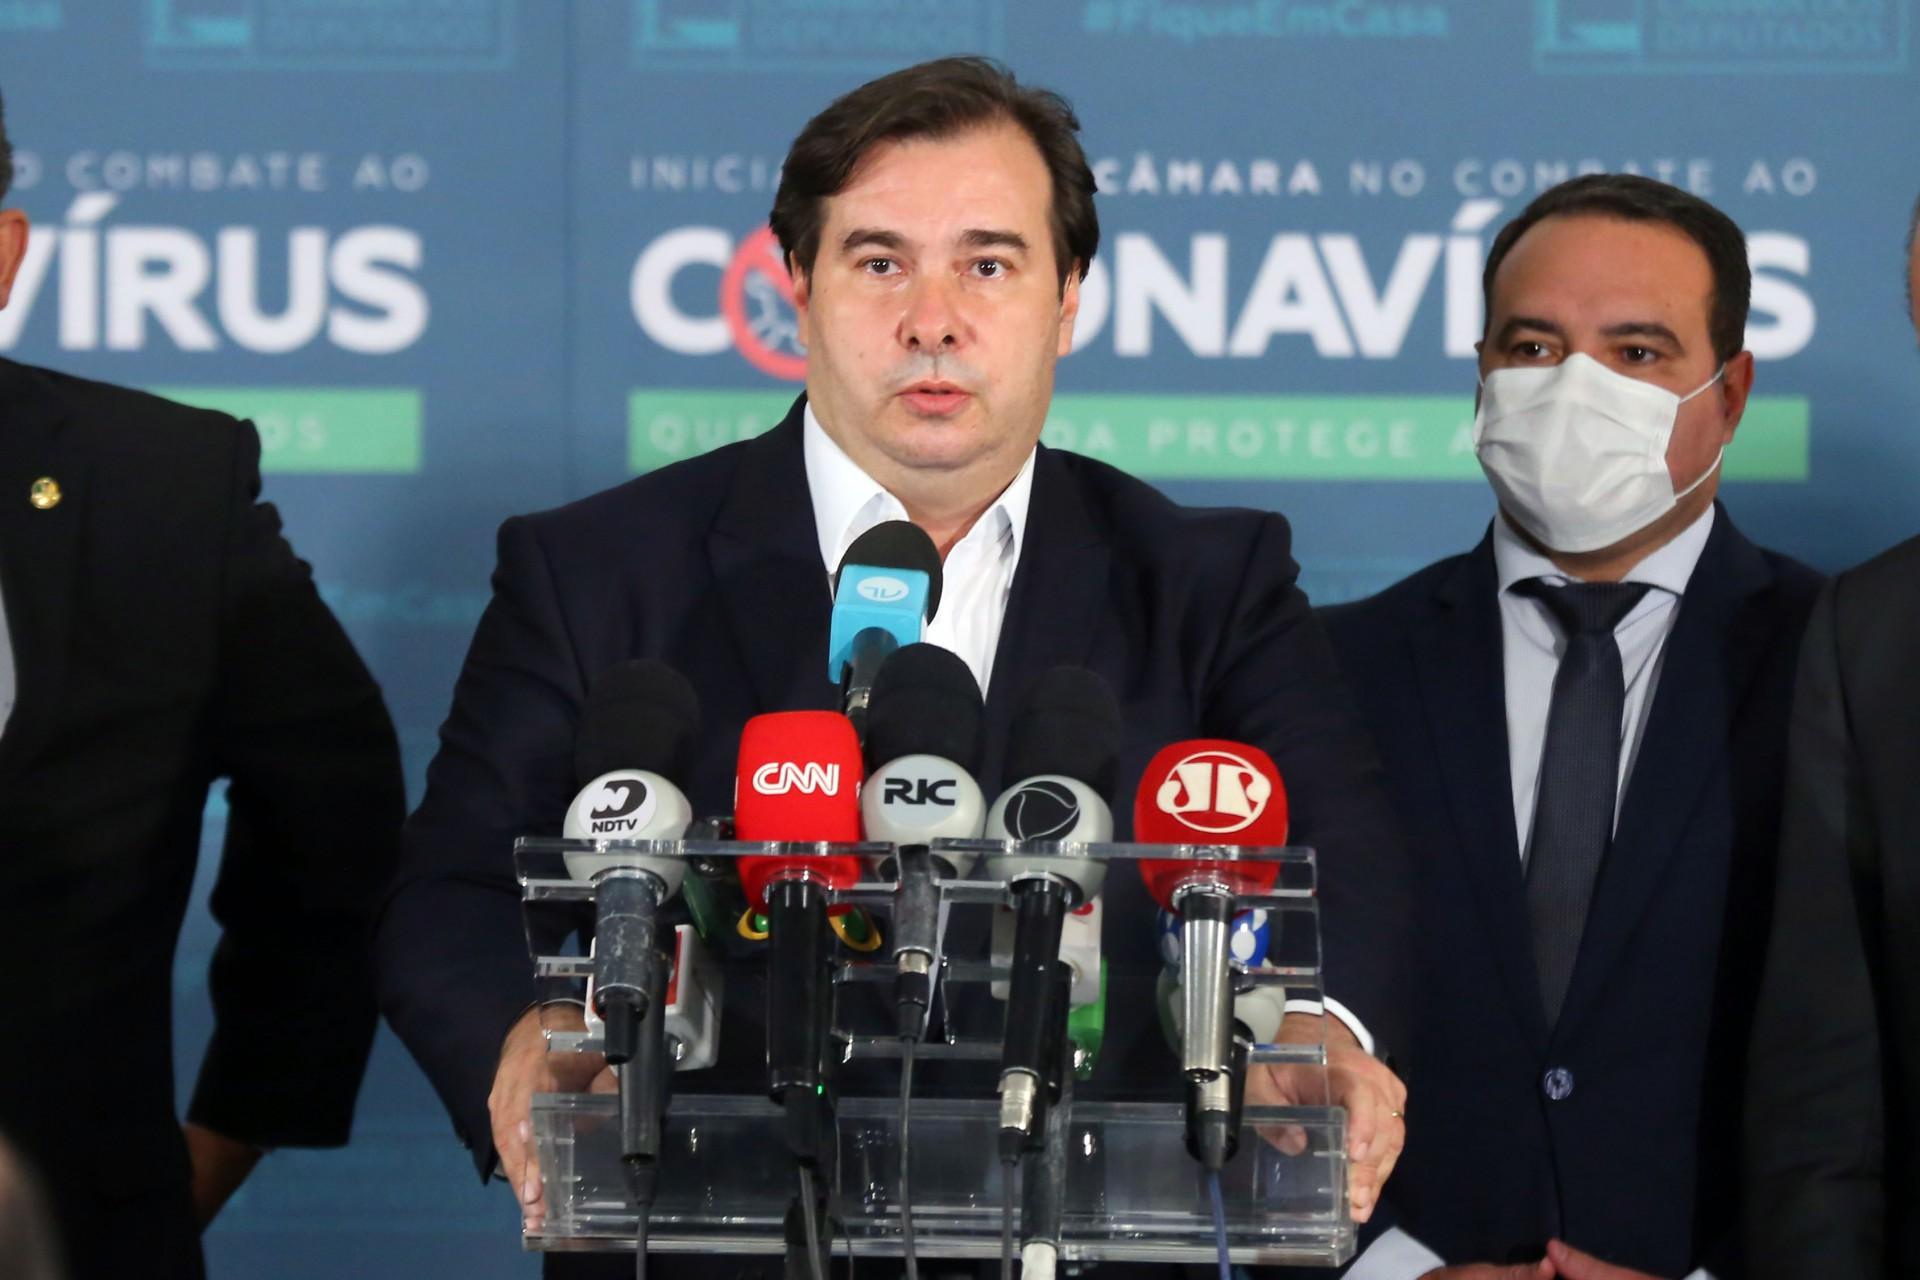 GOVERNO fez ontem entrega simbólica da reforma administrativa ao presidente da Câmara Rodrigo Maia